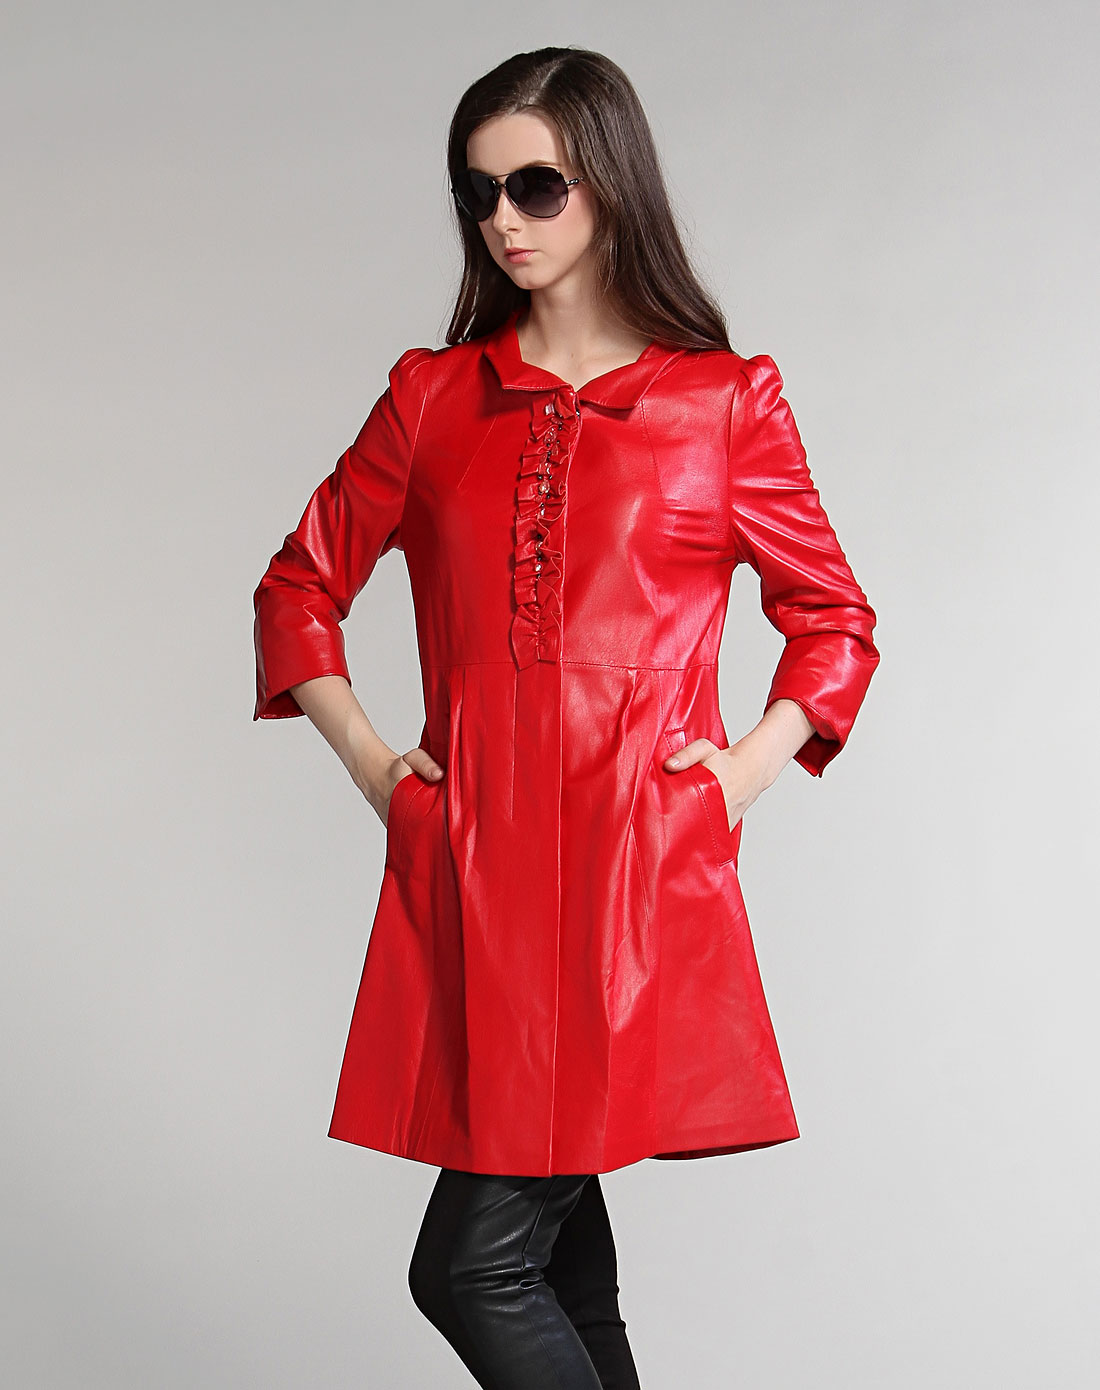 斯尔丽sierli皮草男女大红色花边钉珠八分袖皮衣1e05